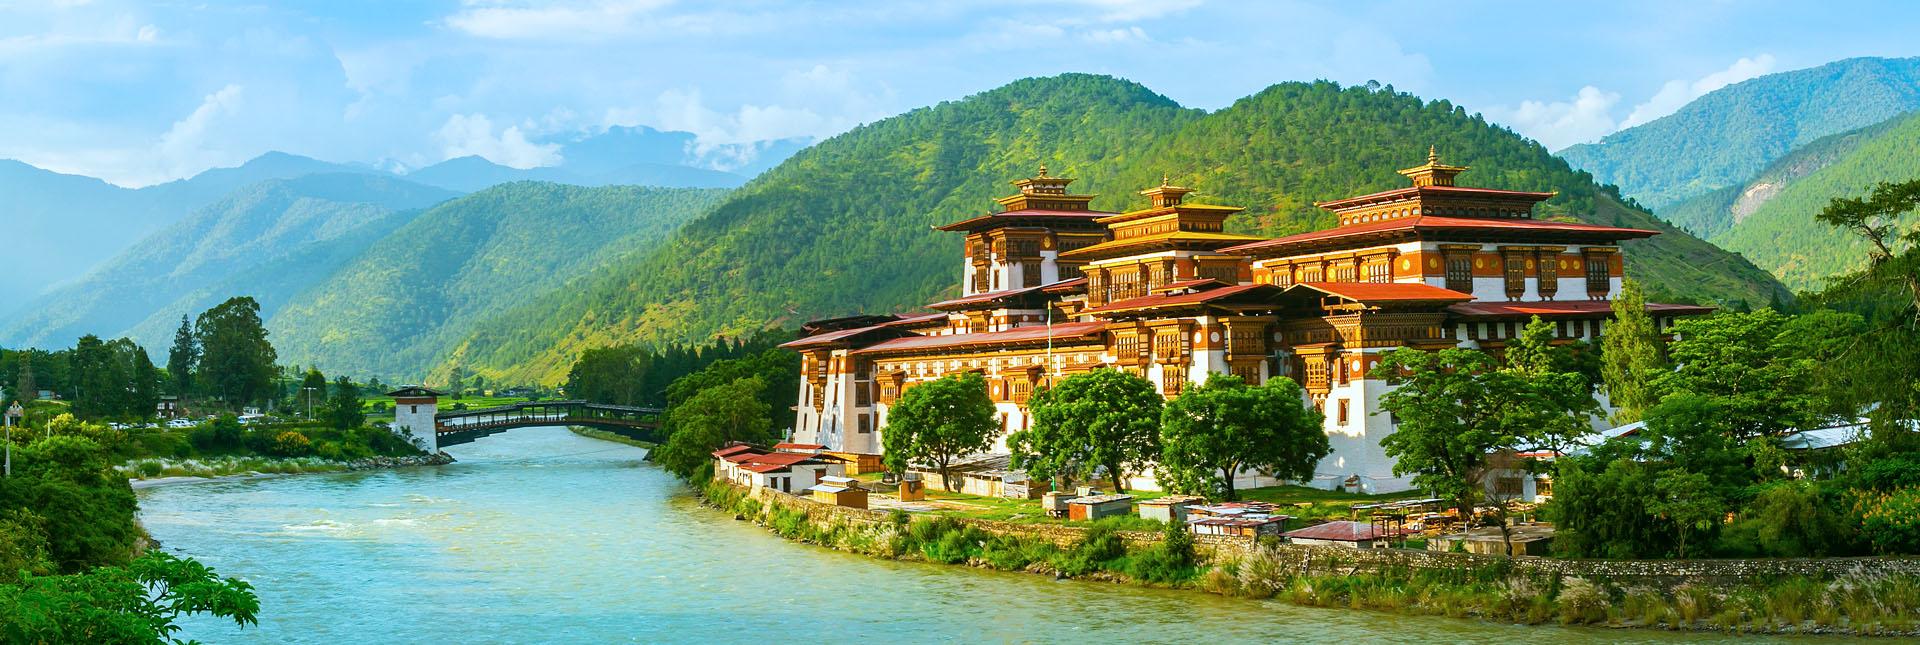 Punakha Dzong monastery in Bhutan